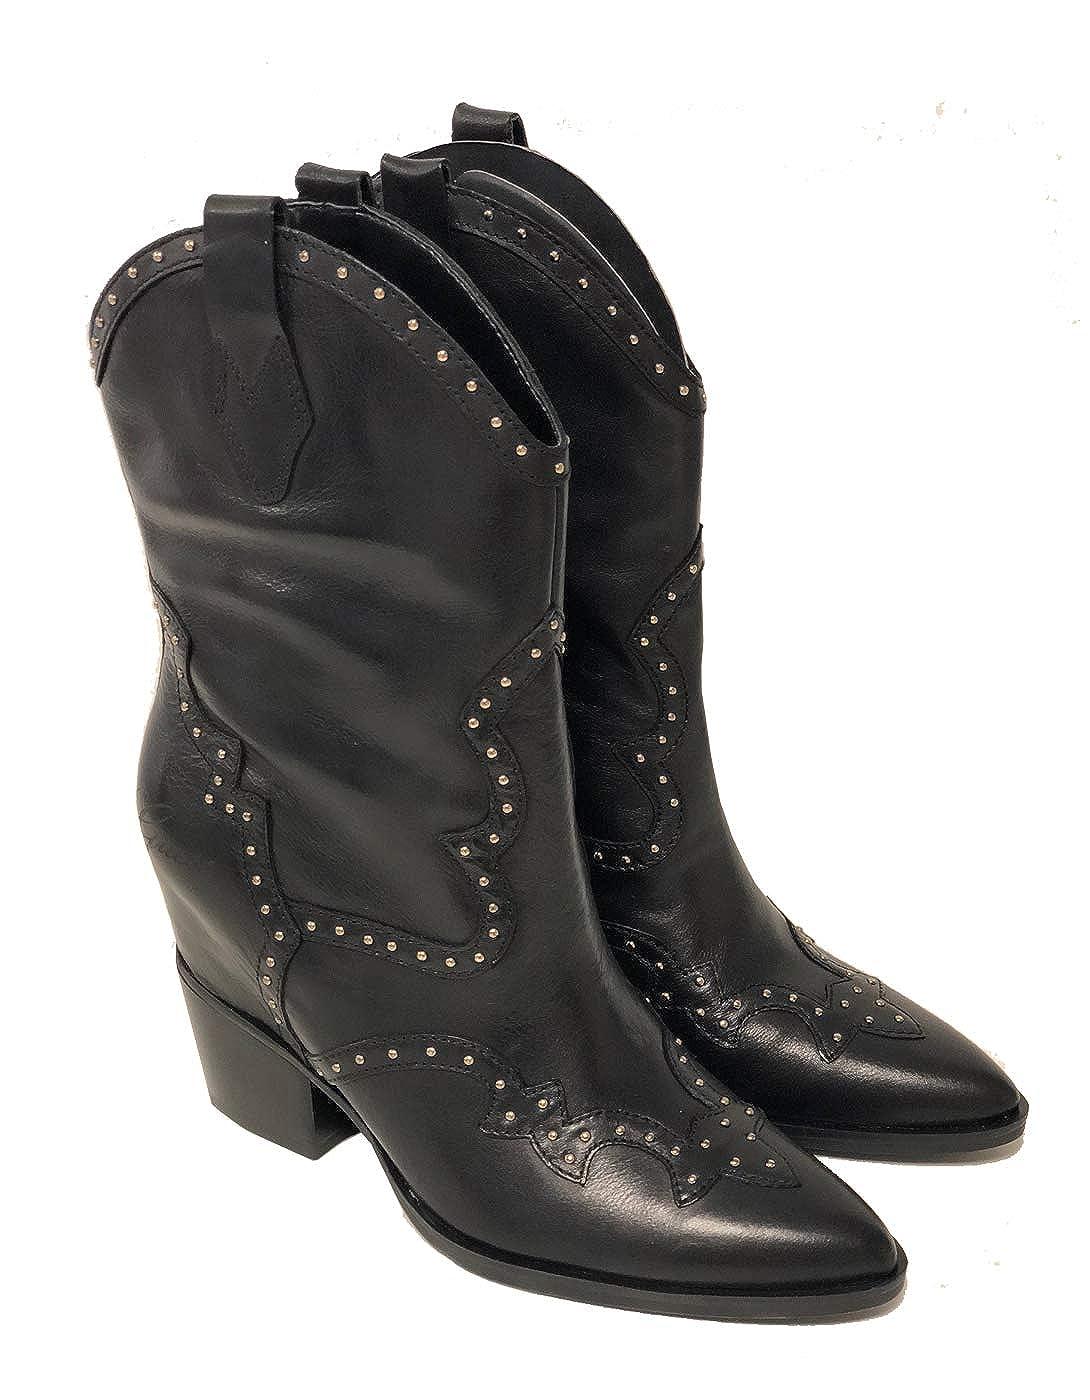 GUESS Botas Camperas Cowboy cuña Interior LAURIEN (36 - Rojo): Amazon.es: Zapatos y complementos